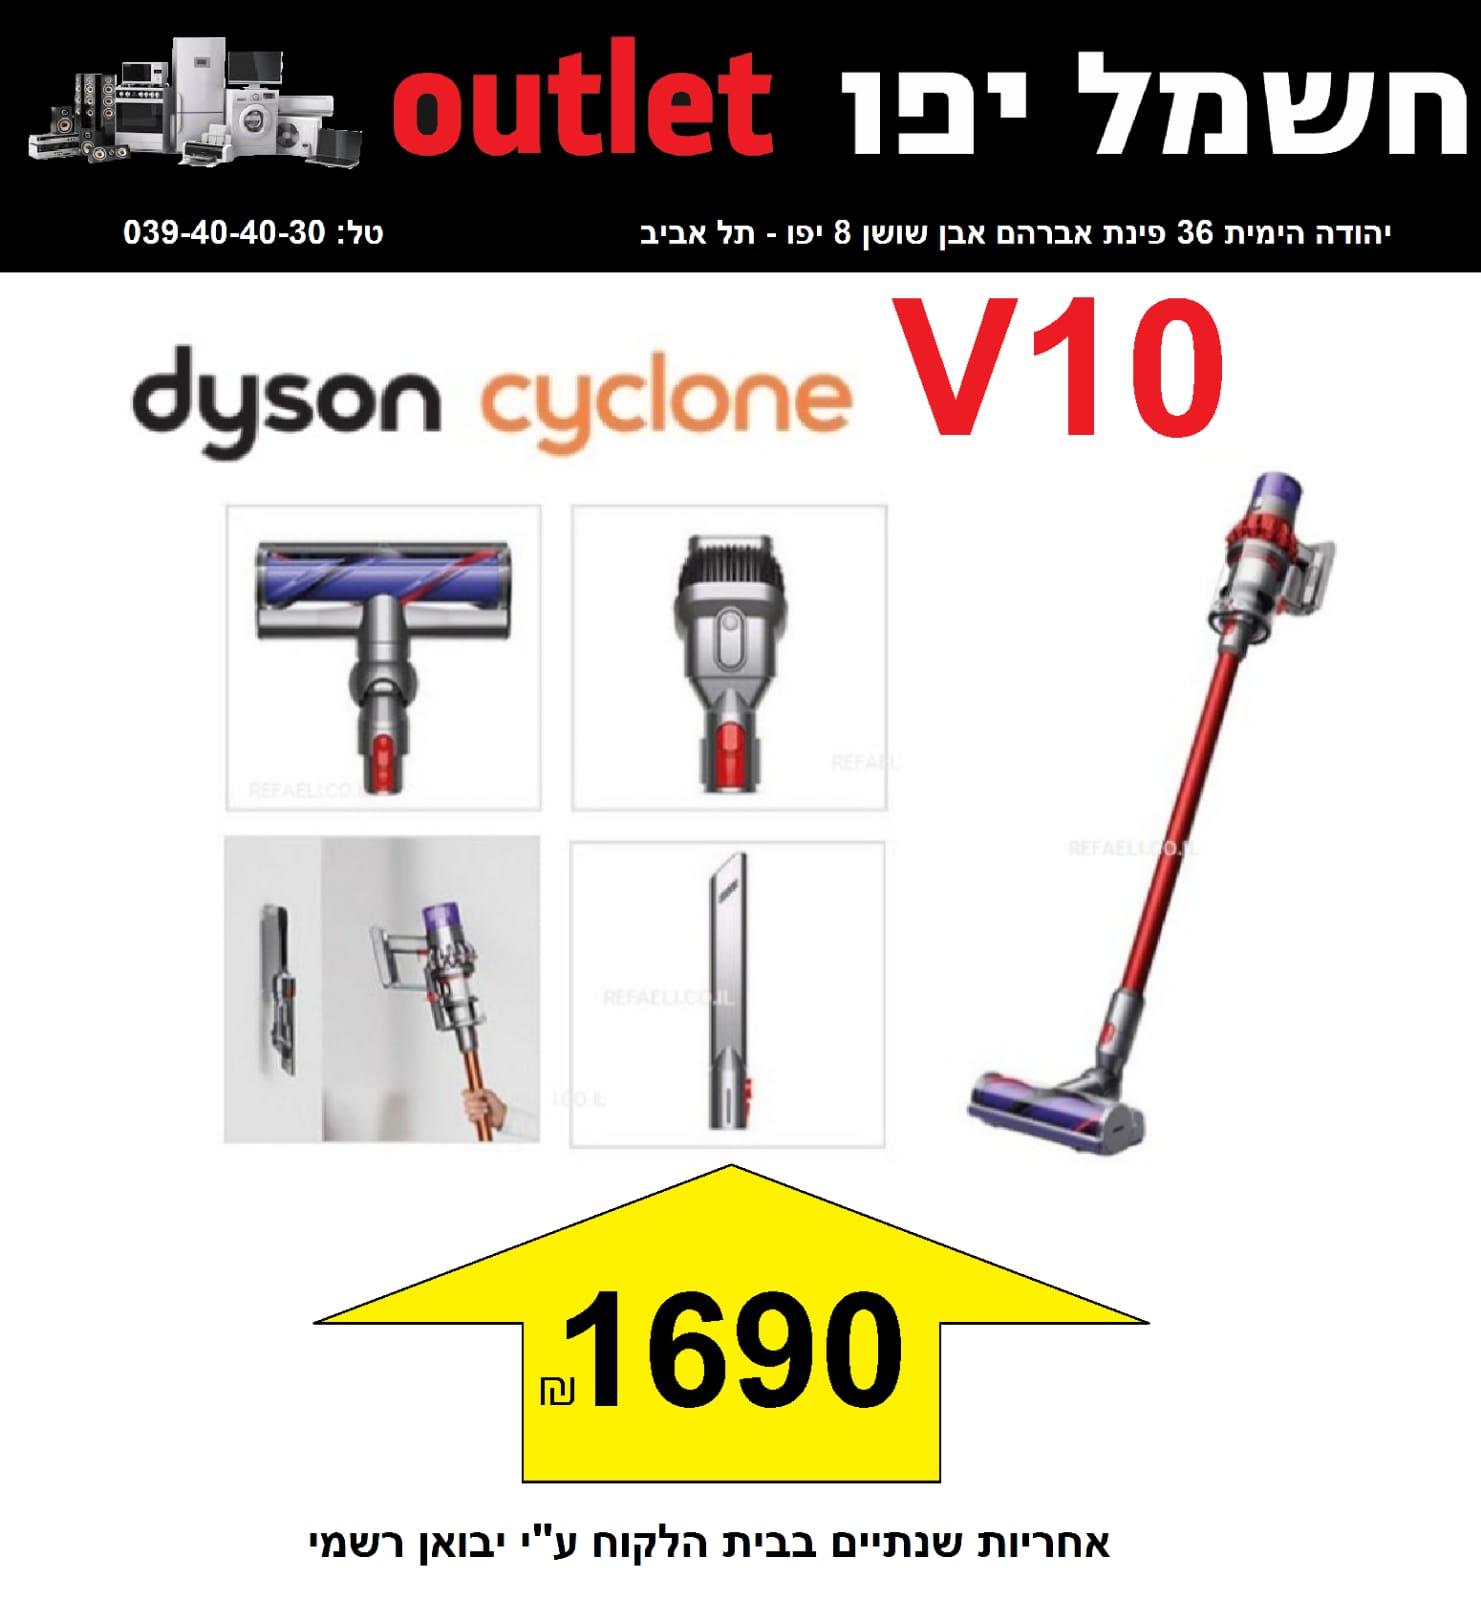 أسعار مجنونة في صالة كهرباء يافا Outlet لكافة الأجهزة الكهربائية